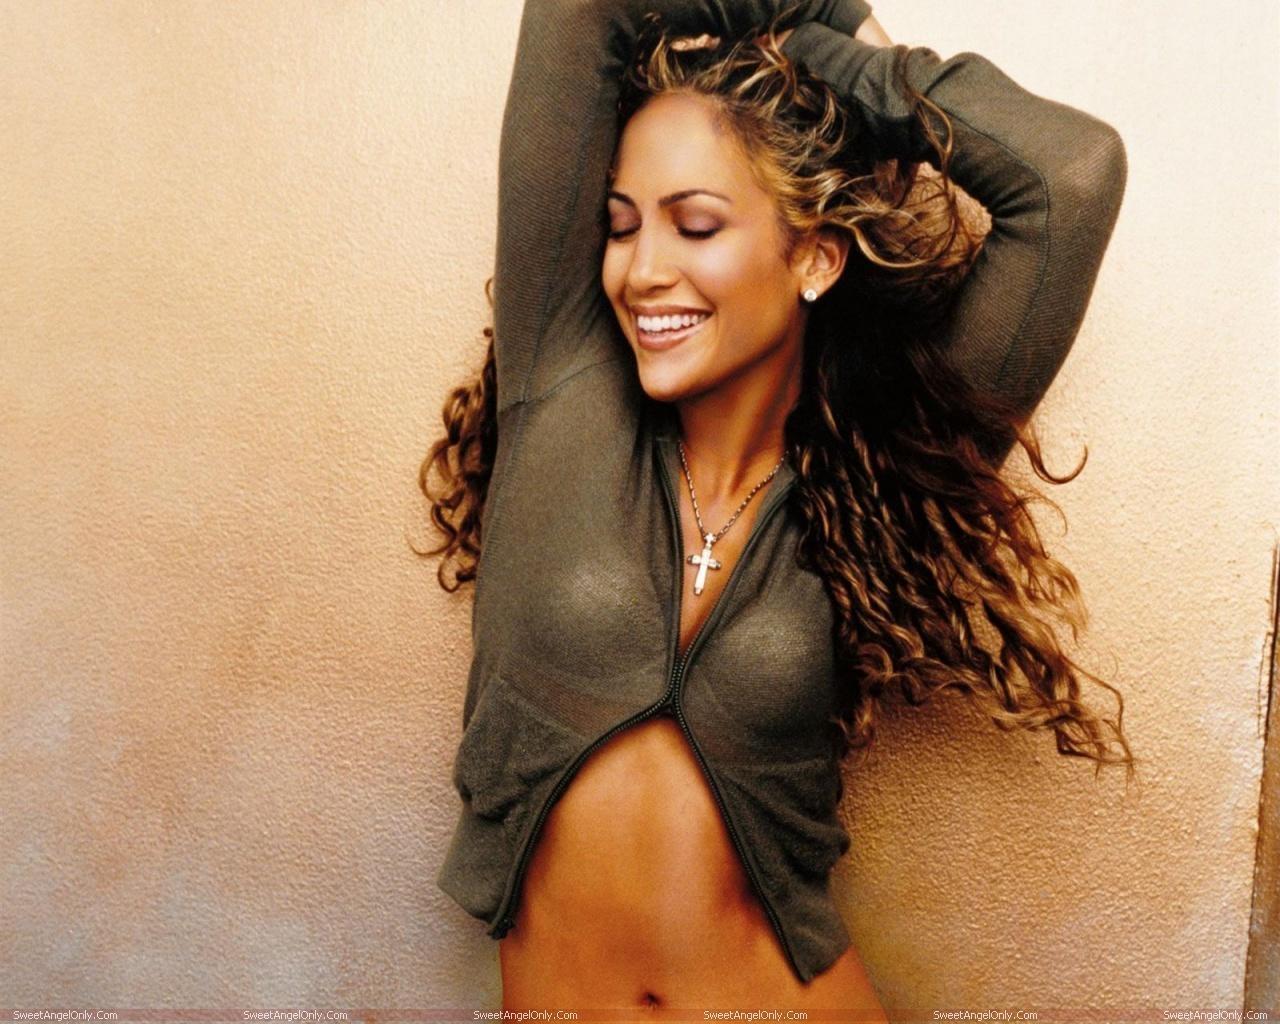 http://3.bp.blogspot.com/-8_Agy754Qus/T9fiuBlqtqI/AAAAAAAAD1g/by3MHA_gb5k/s1600/Jennifer_Lopez_hot_sexy_wallpaper_latest+(9).jpg